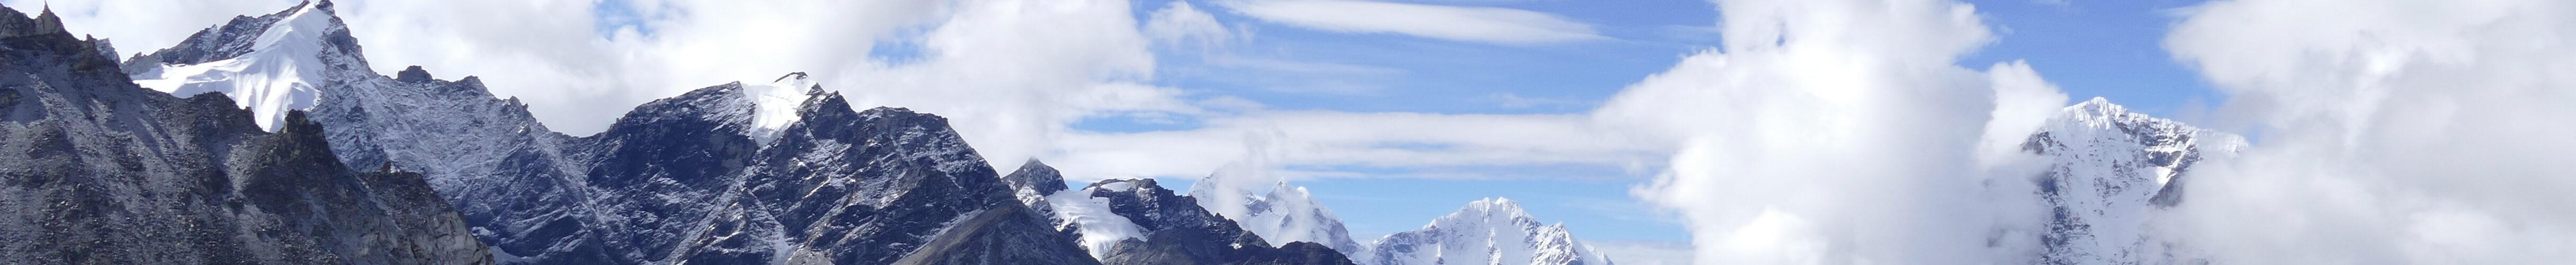 Helikopter-Everest-Base-Camp